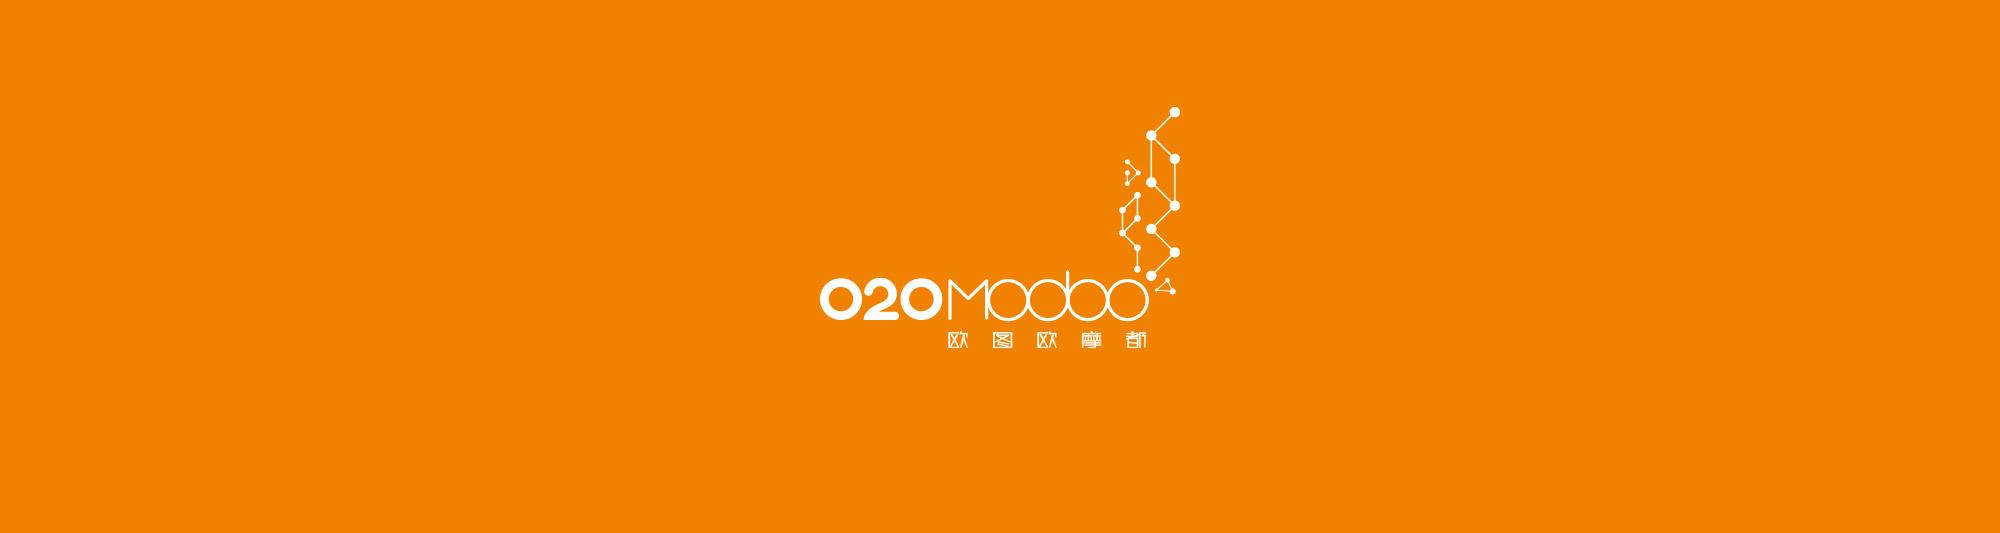 中铁摩都O2O MODOO